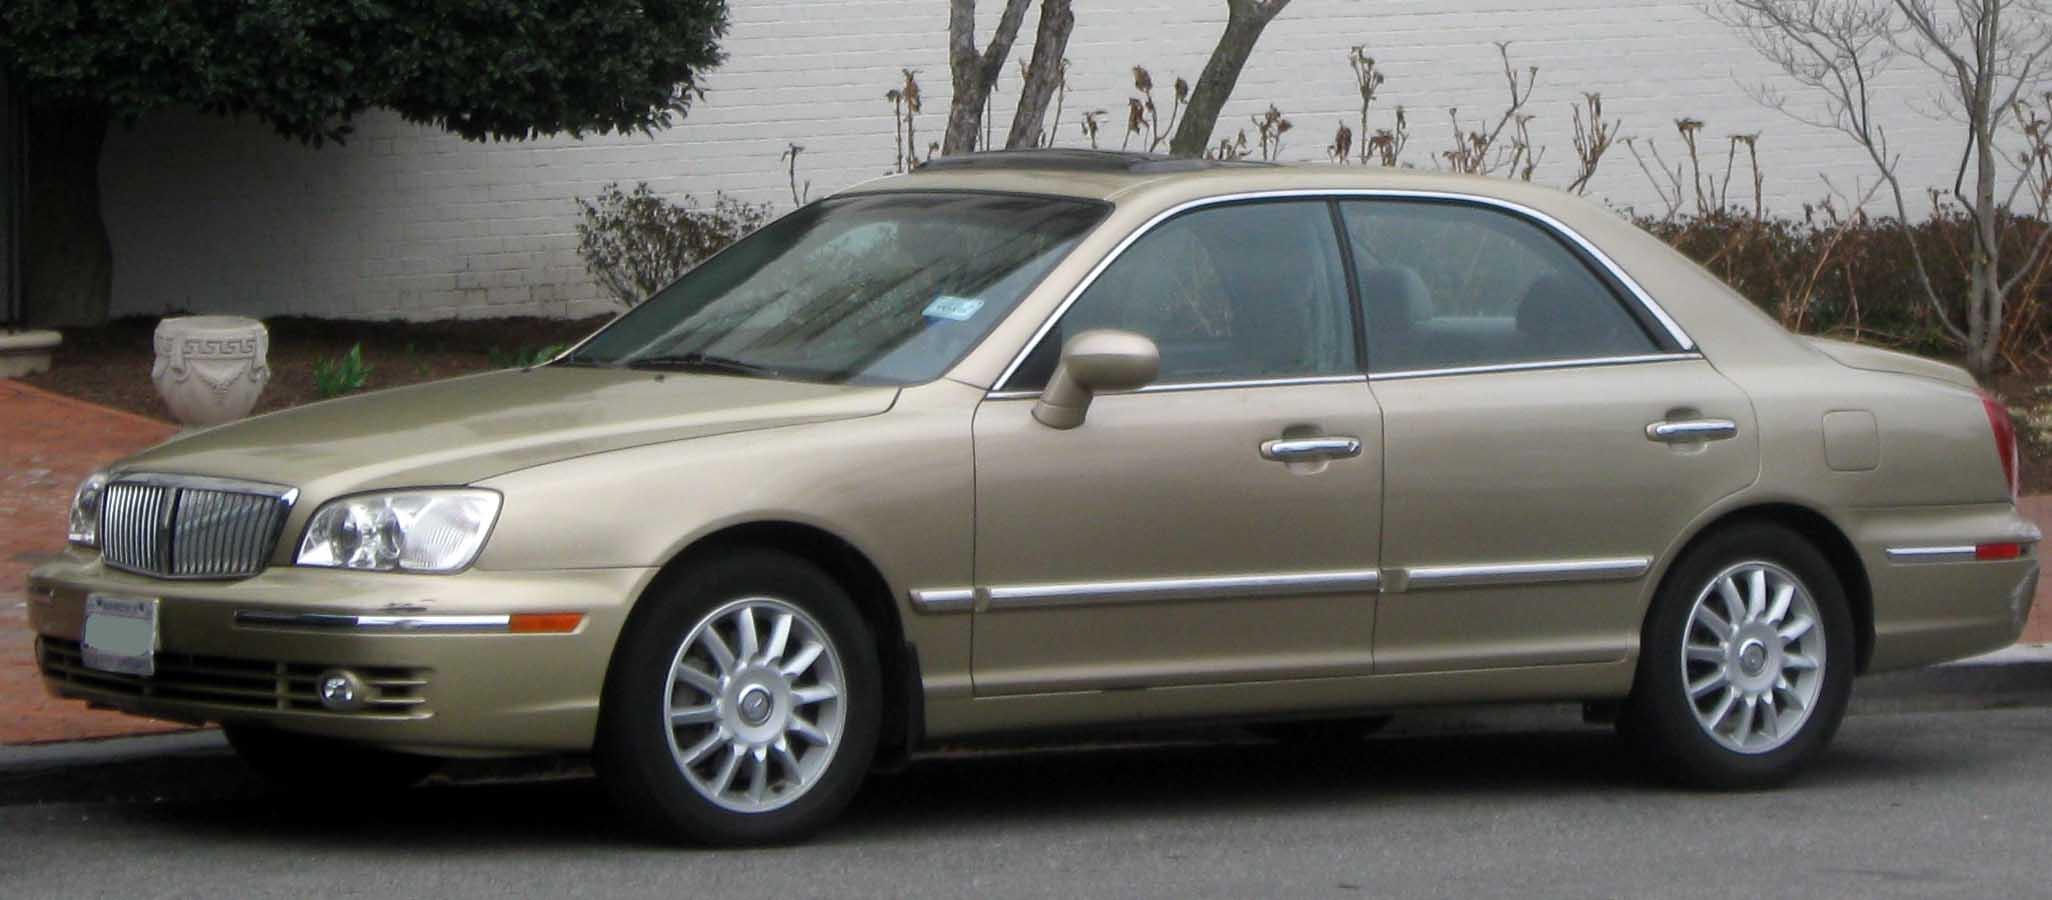 2004 hyundai xg350 3 hyundai xg350 3